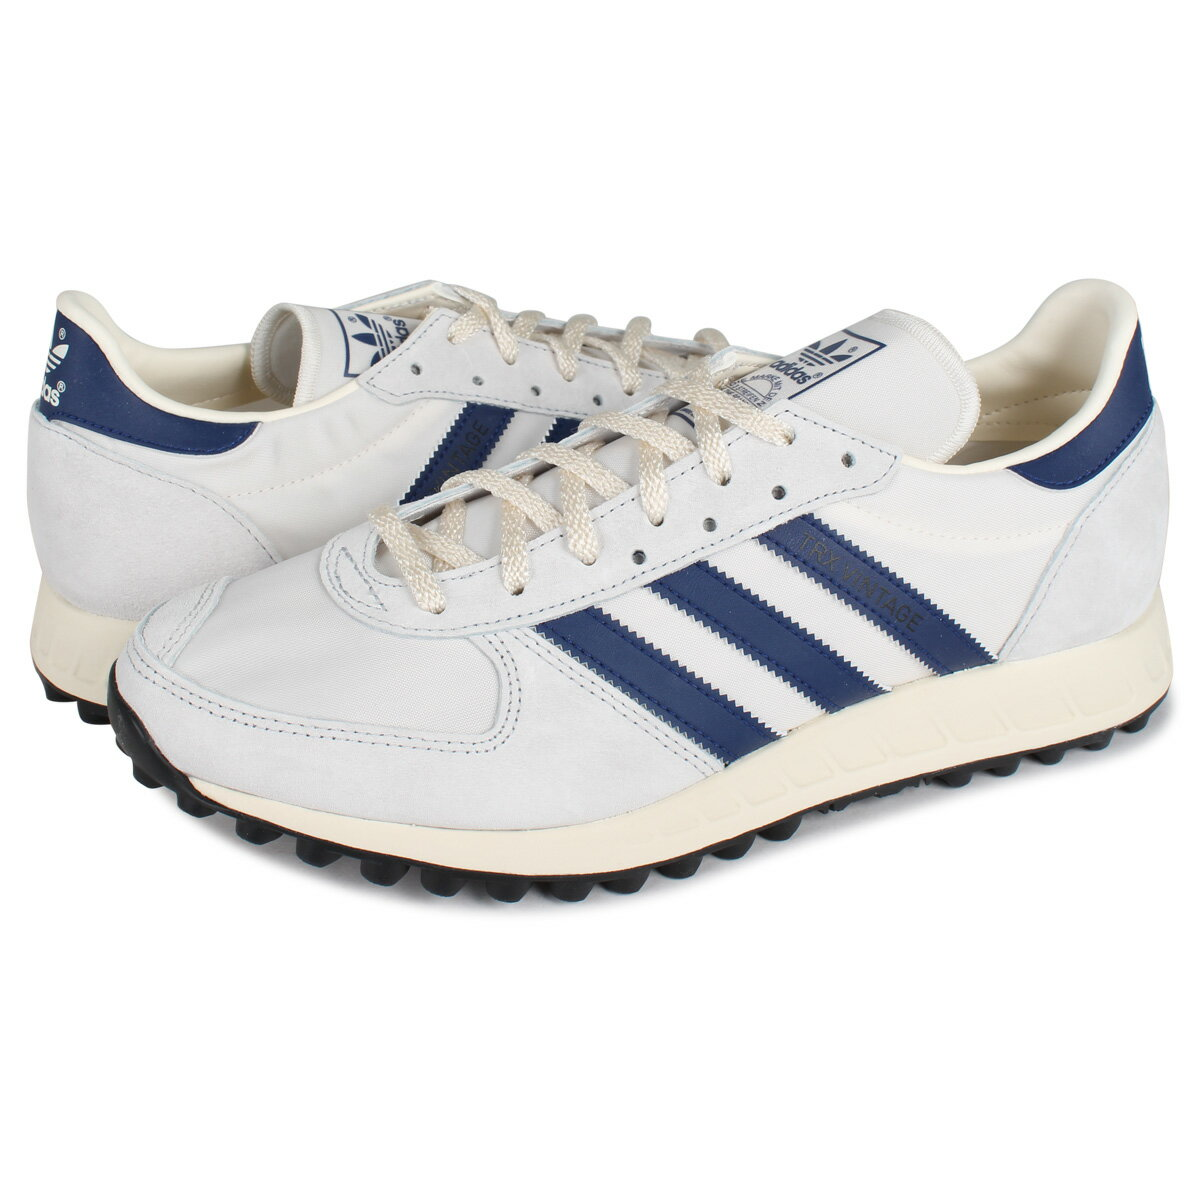 メンズ靴, スニーカー adidas Originals TRX VINTAGE TRX FY3650